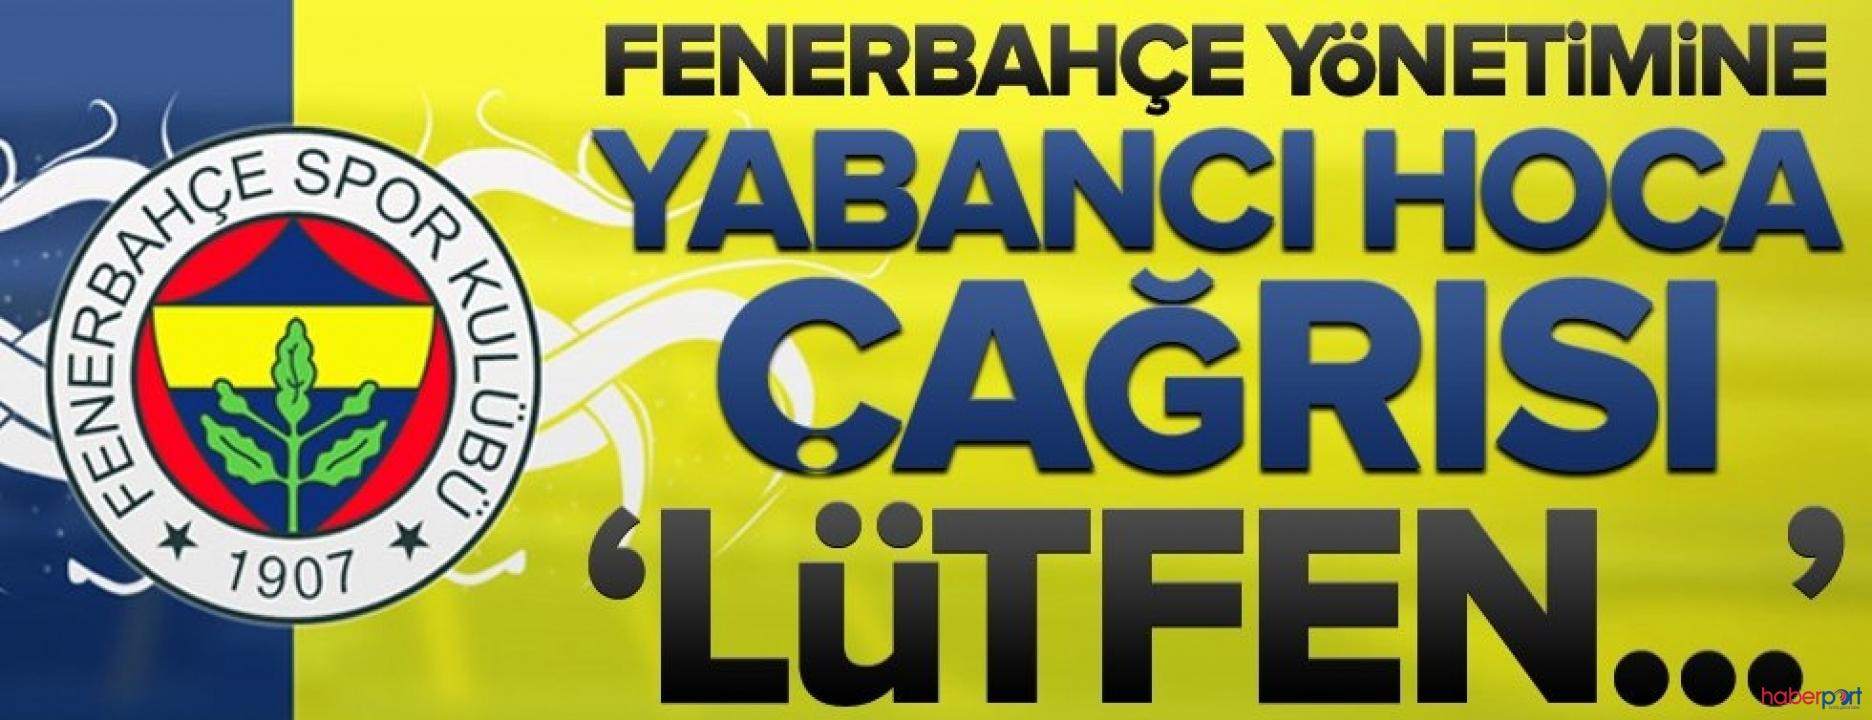 Fenerbahçe'de yabancı hoca defteri kapandı